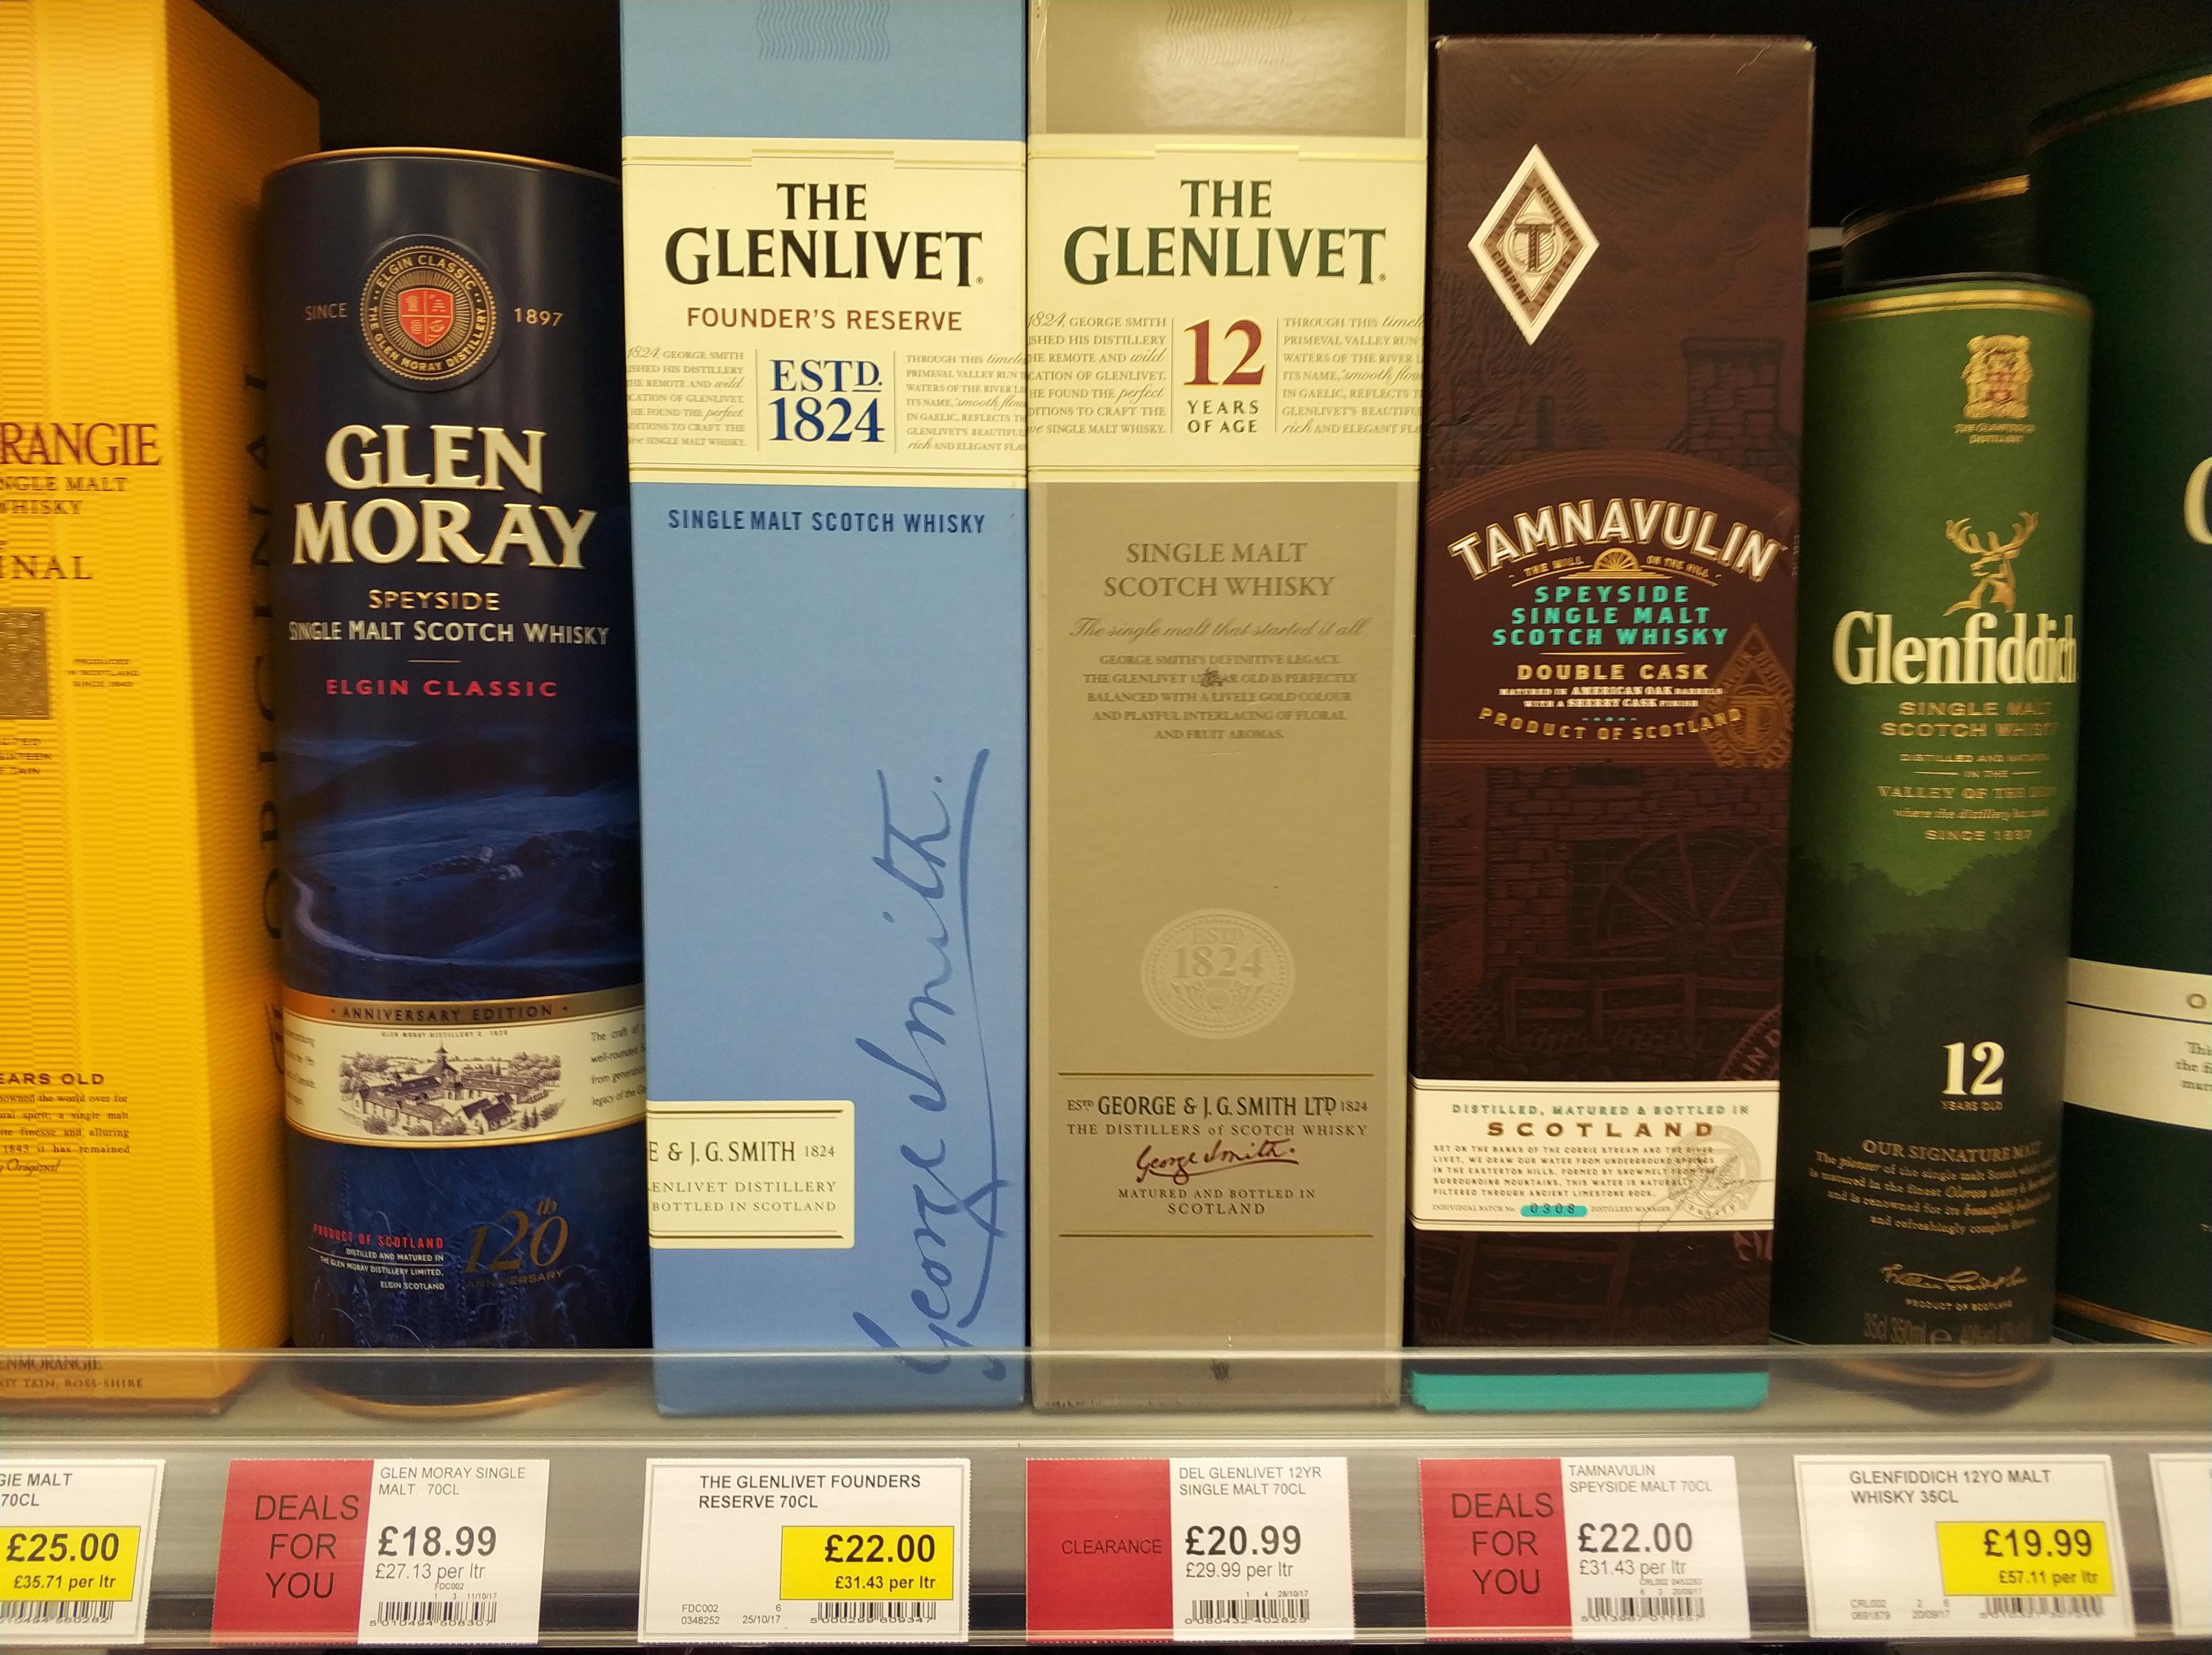 Glenlivet 12 Year Old Malt Whisky - £20.99 @ Co-op